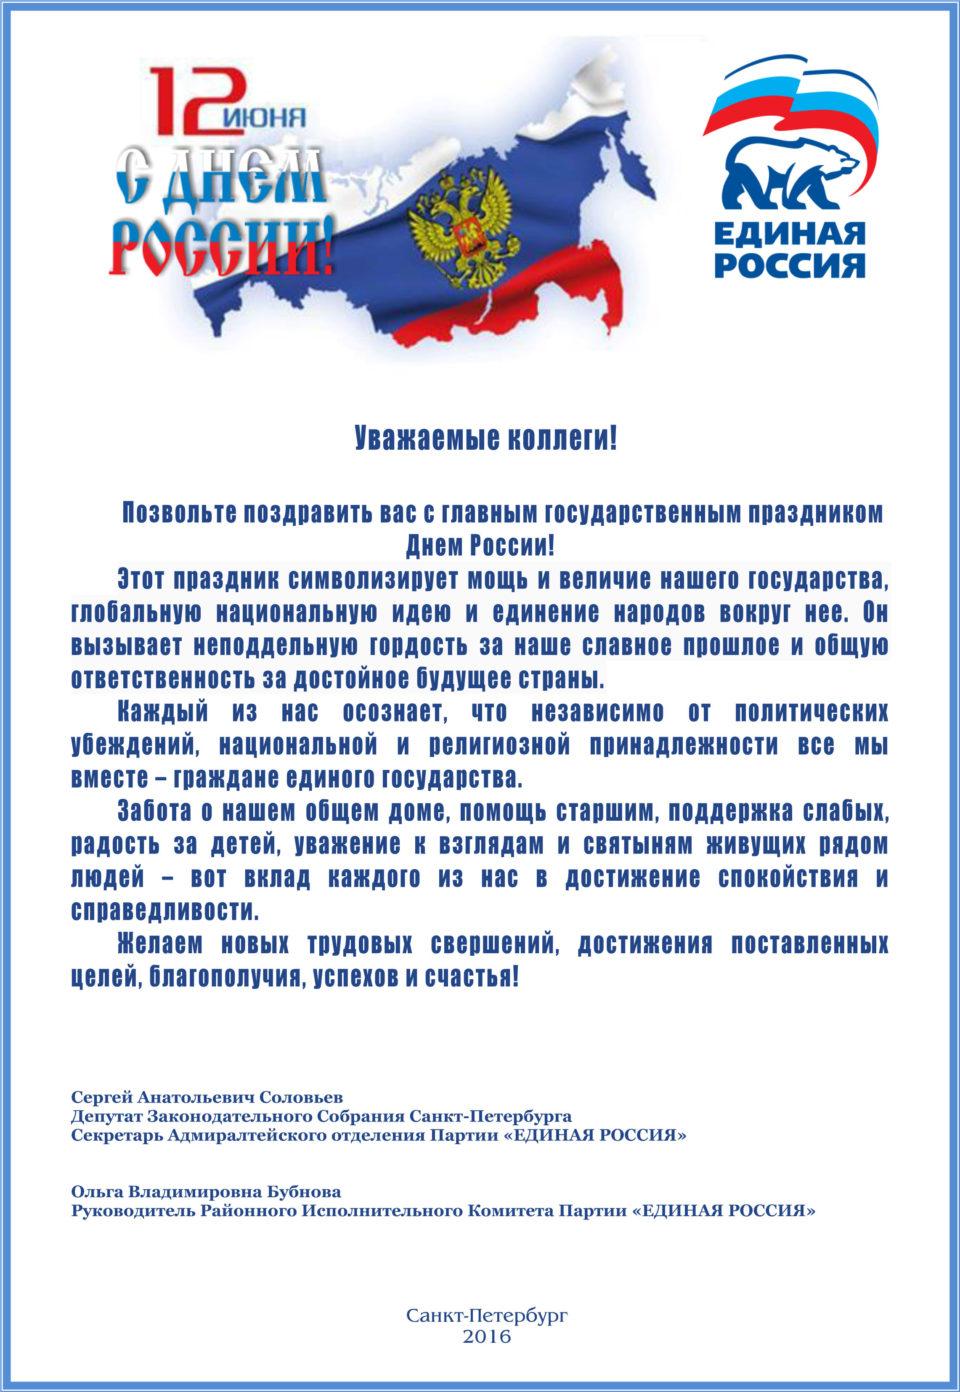 С днем россии поздравление депутата